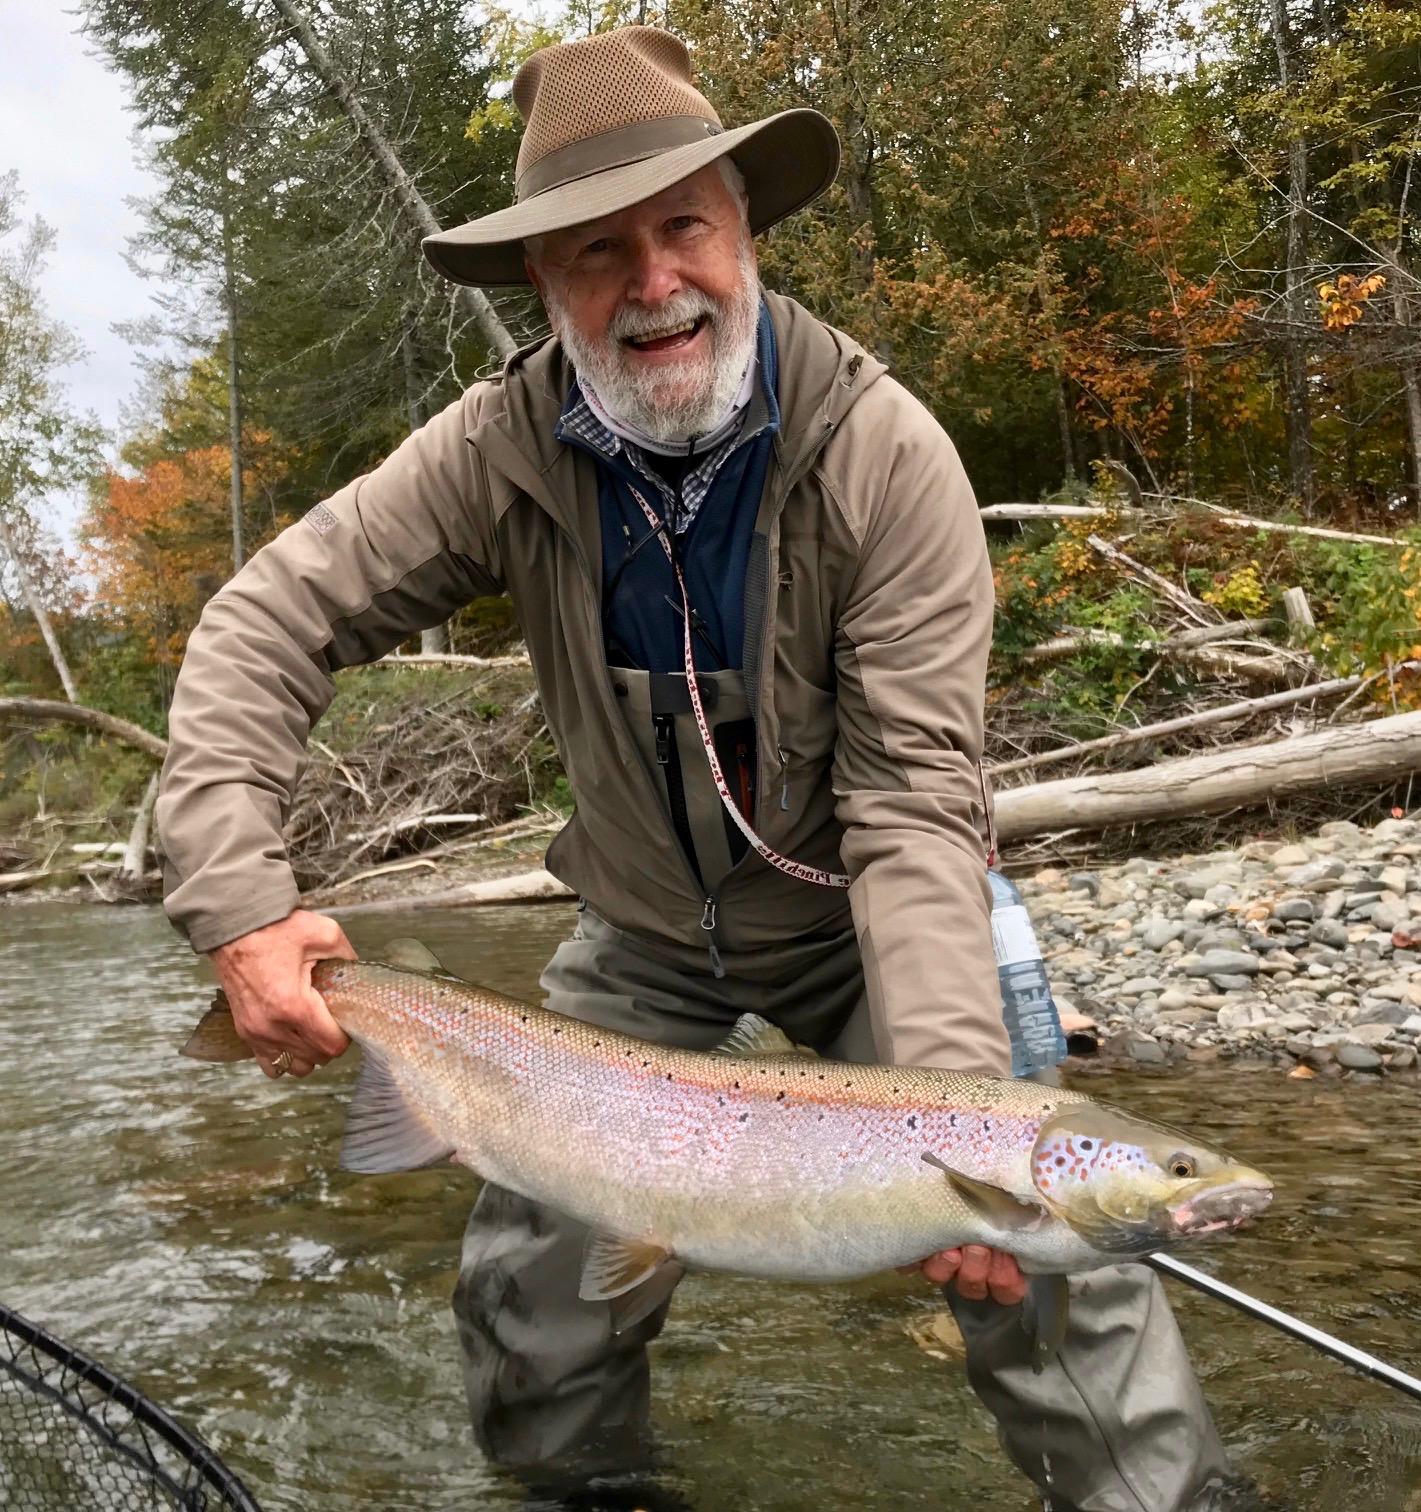 Jim Fowler a passé une journée incroyable sur la Petite Cascapédia, où il a capturé ce beau spécimen. Félicitations, Jim!